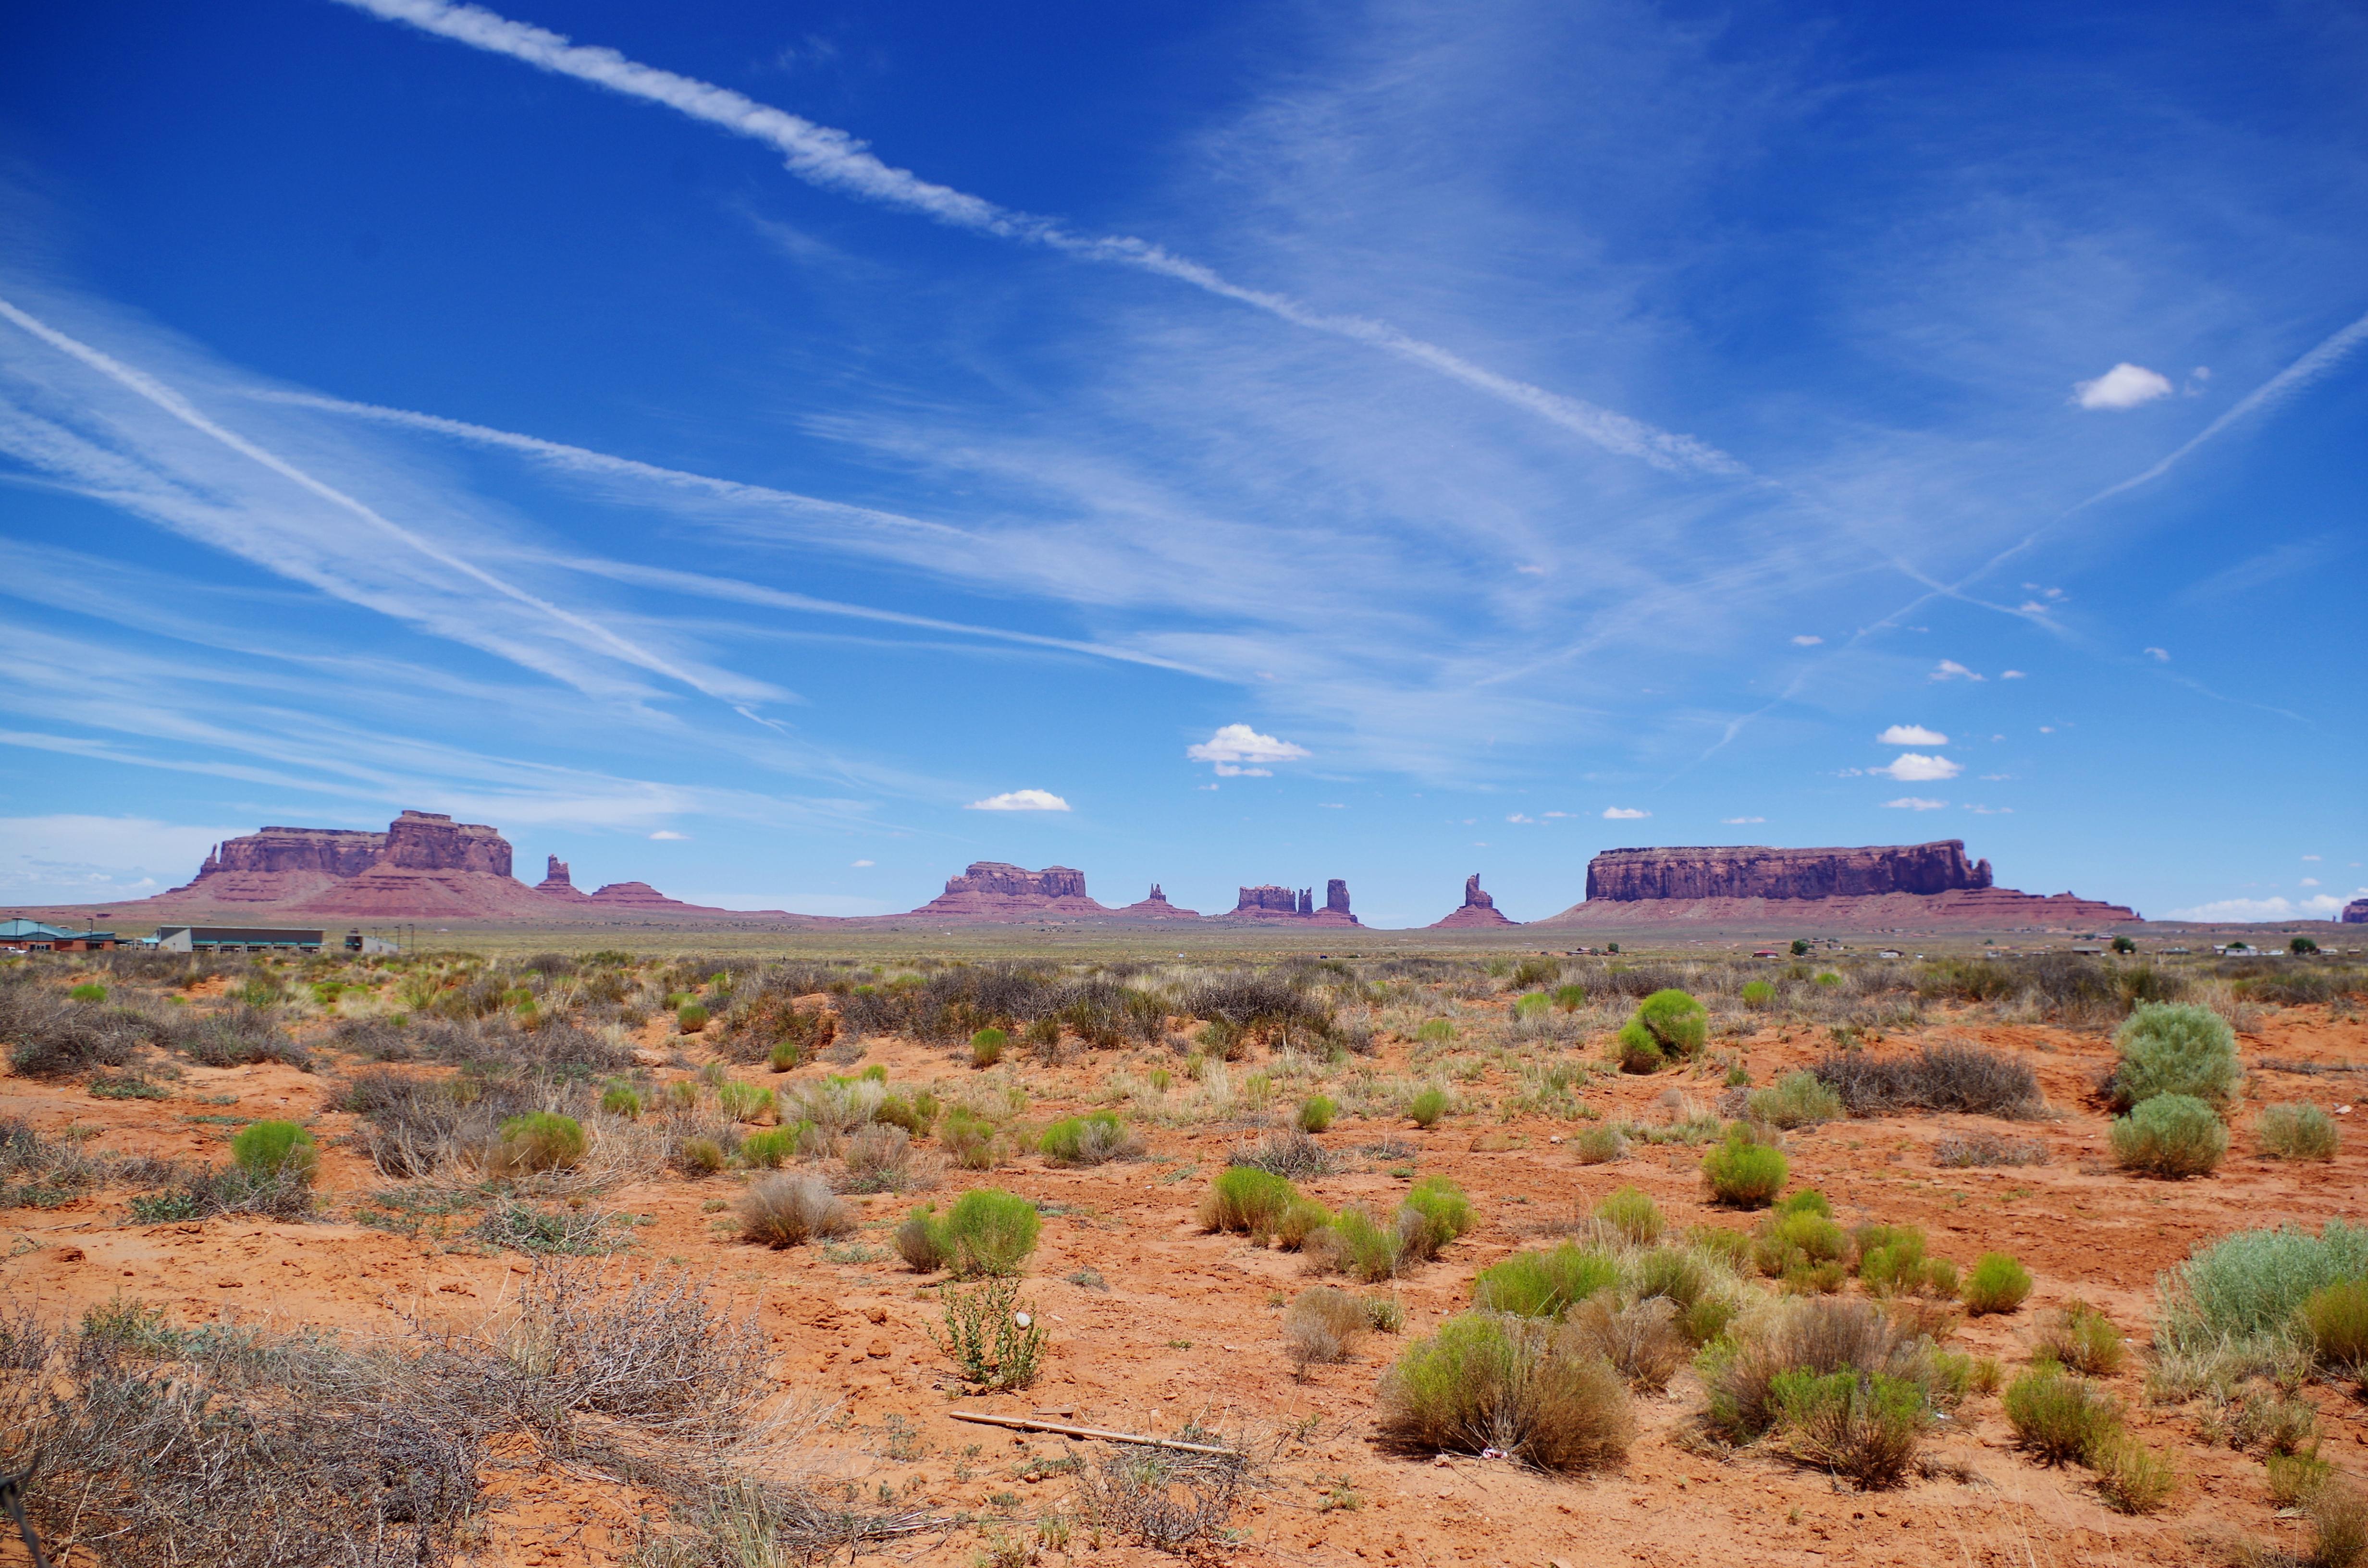 Auf dem Weg zum Monument Valley bieten sich Euch bereits wunderschöne Landschaften